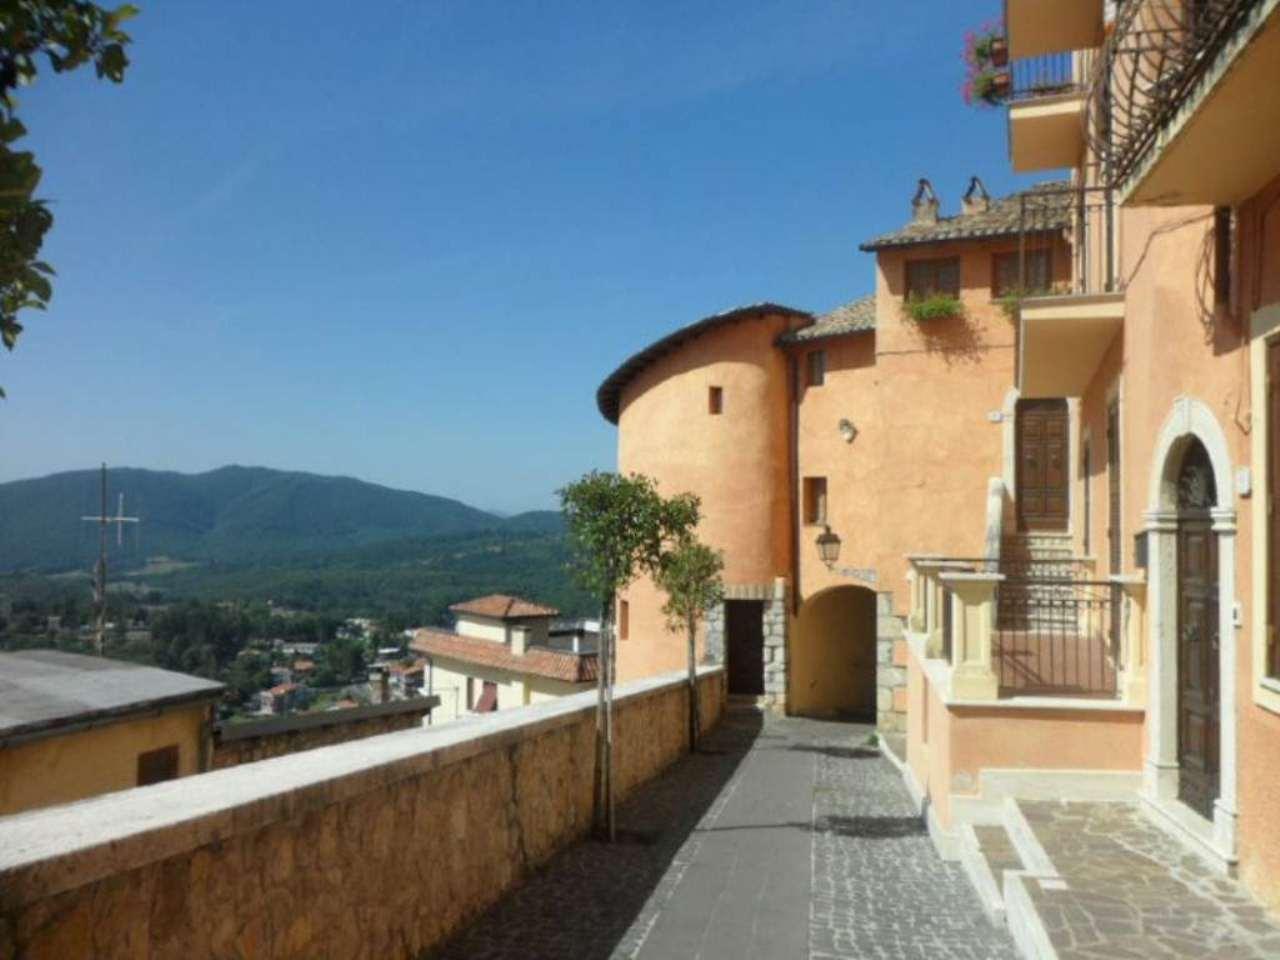 Appartamento in vendita a Fiuggi, 2 locali, prezzo € 35.000 | Cambio Casa.it